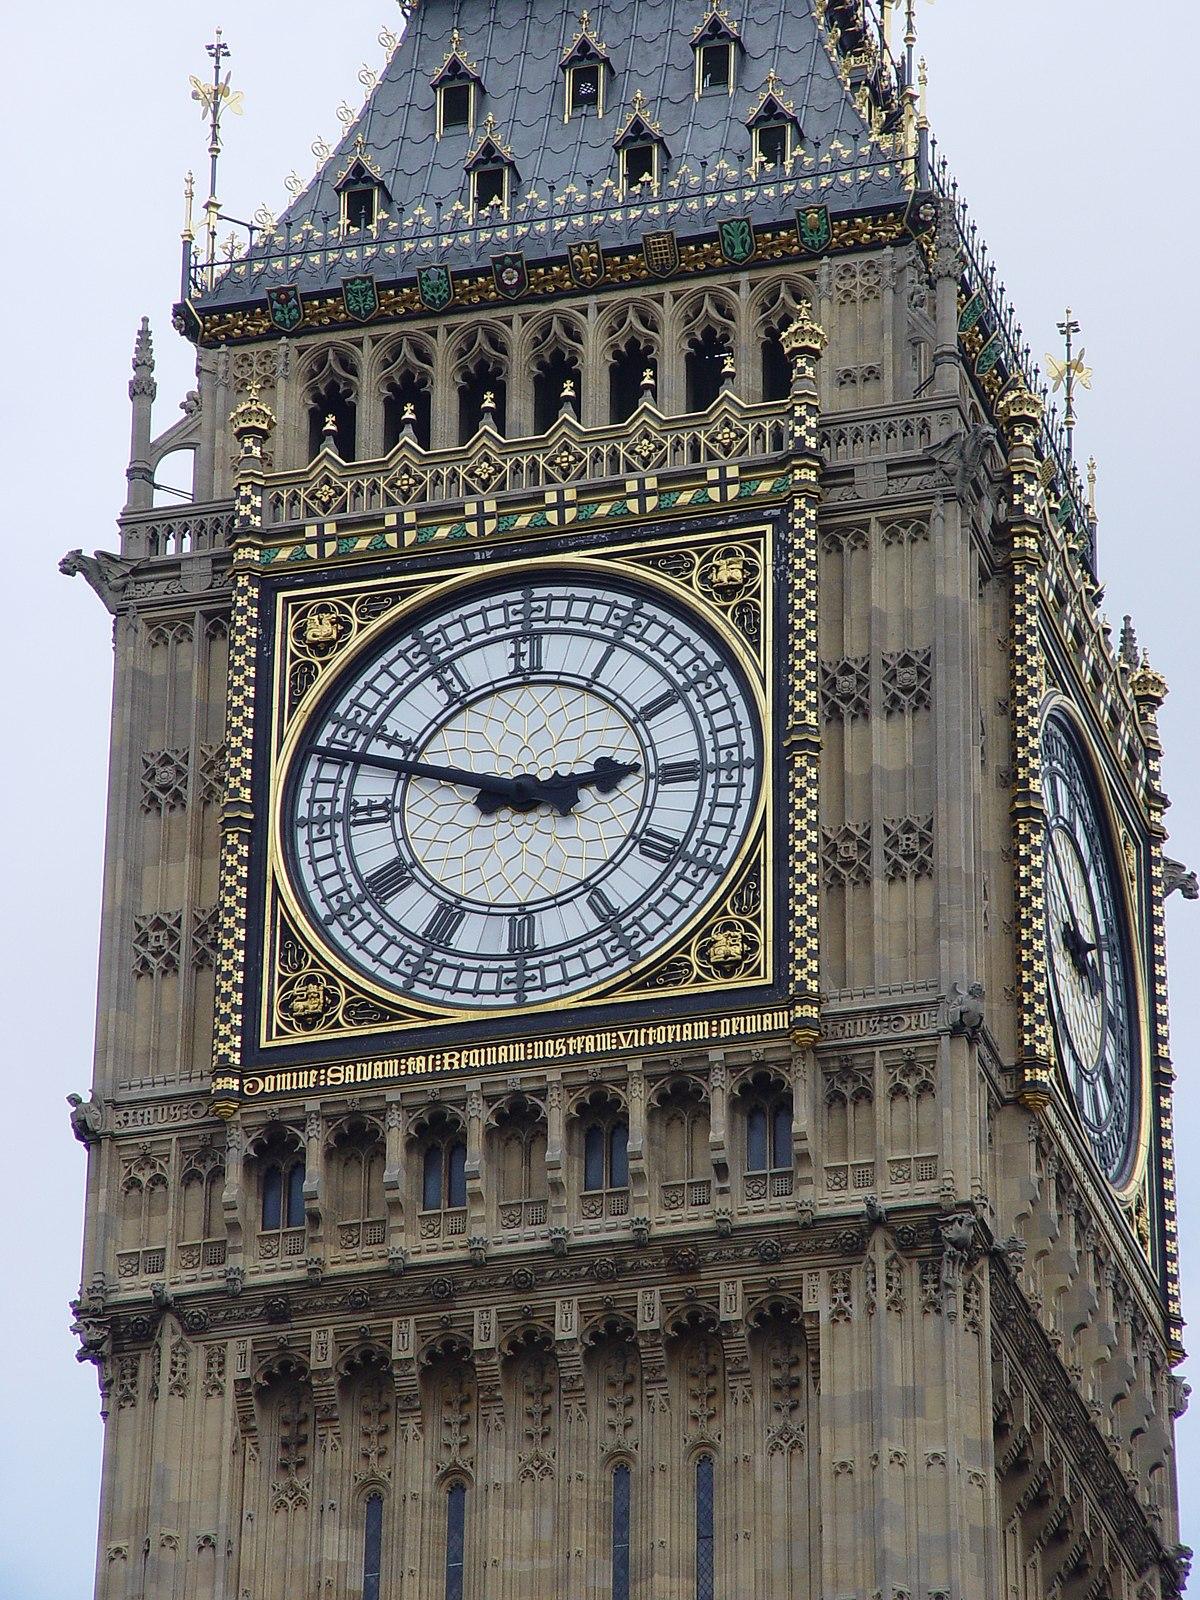 orologio - Wikizionario